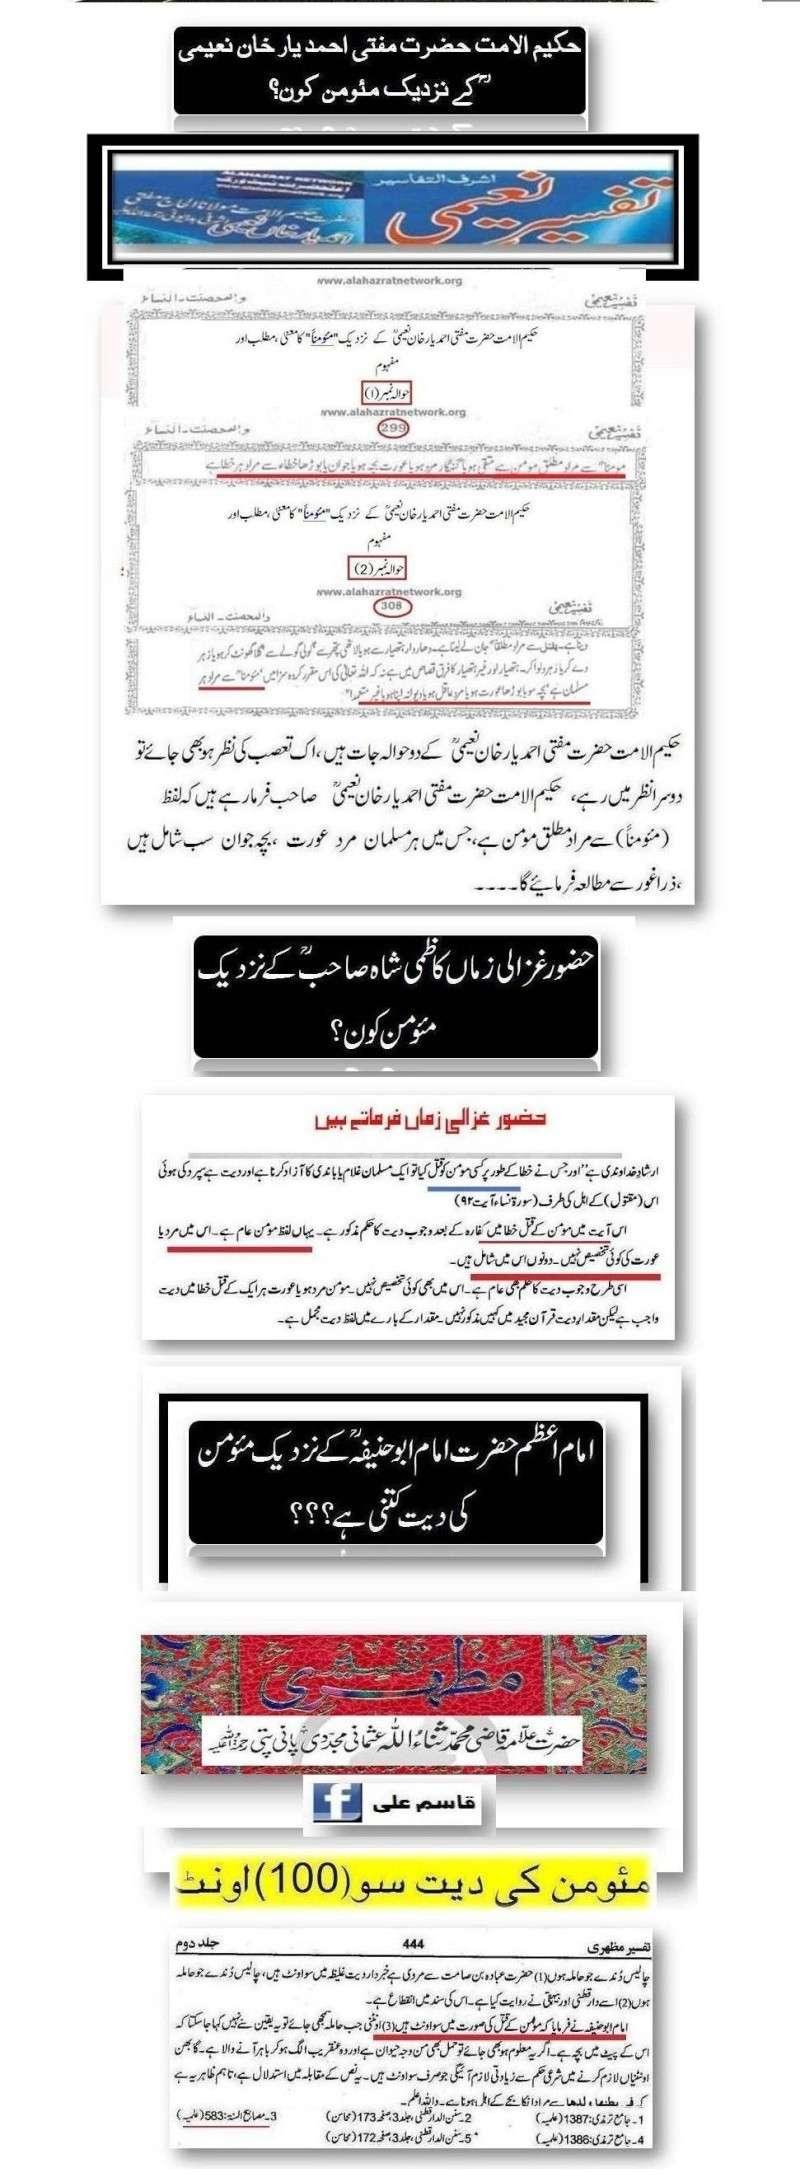 دیت کی جعلی فتوی فیکٹری پر منہاج القرآن کی فتح کا جھنڈا - Page 2 11d10